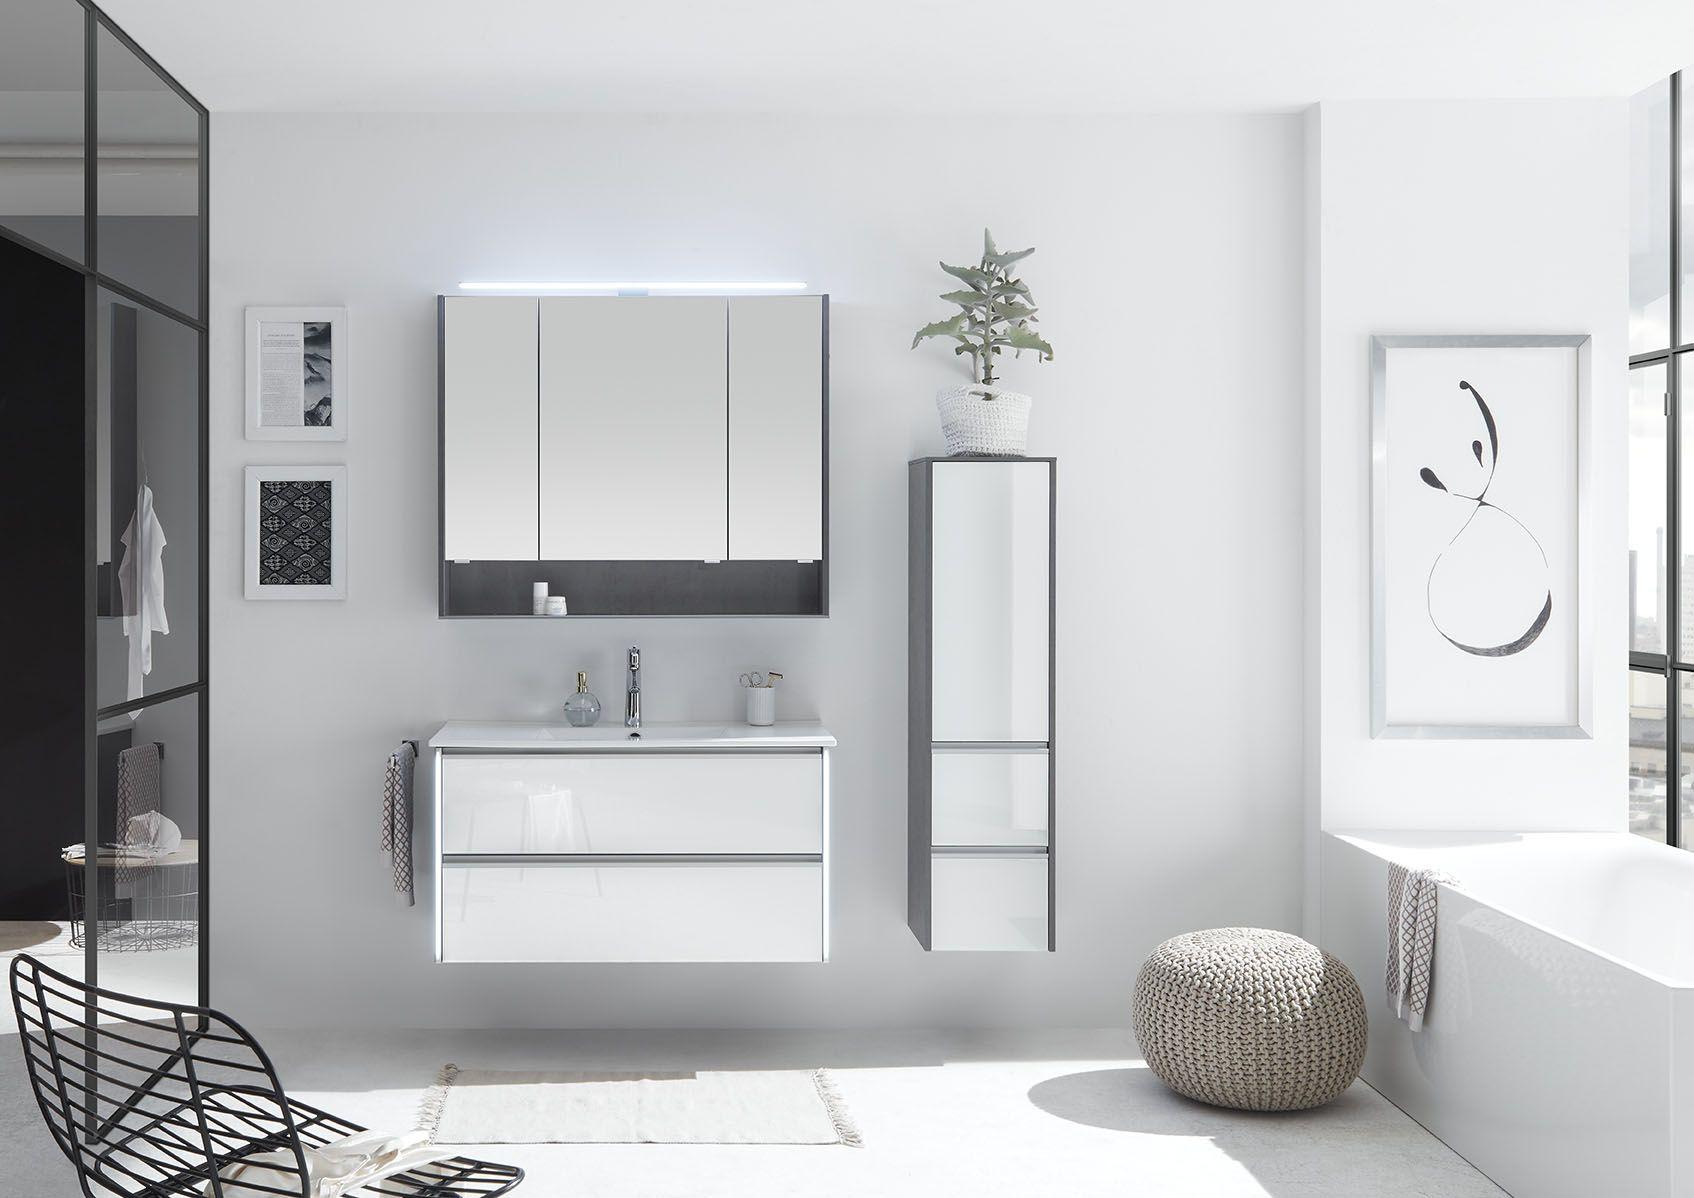 Pin Von Pelipal Badmobel Auf Solitaire 7025 In 2020 Badezimmer Licht Badezimmer Badezimmerideen